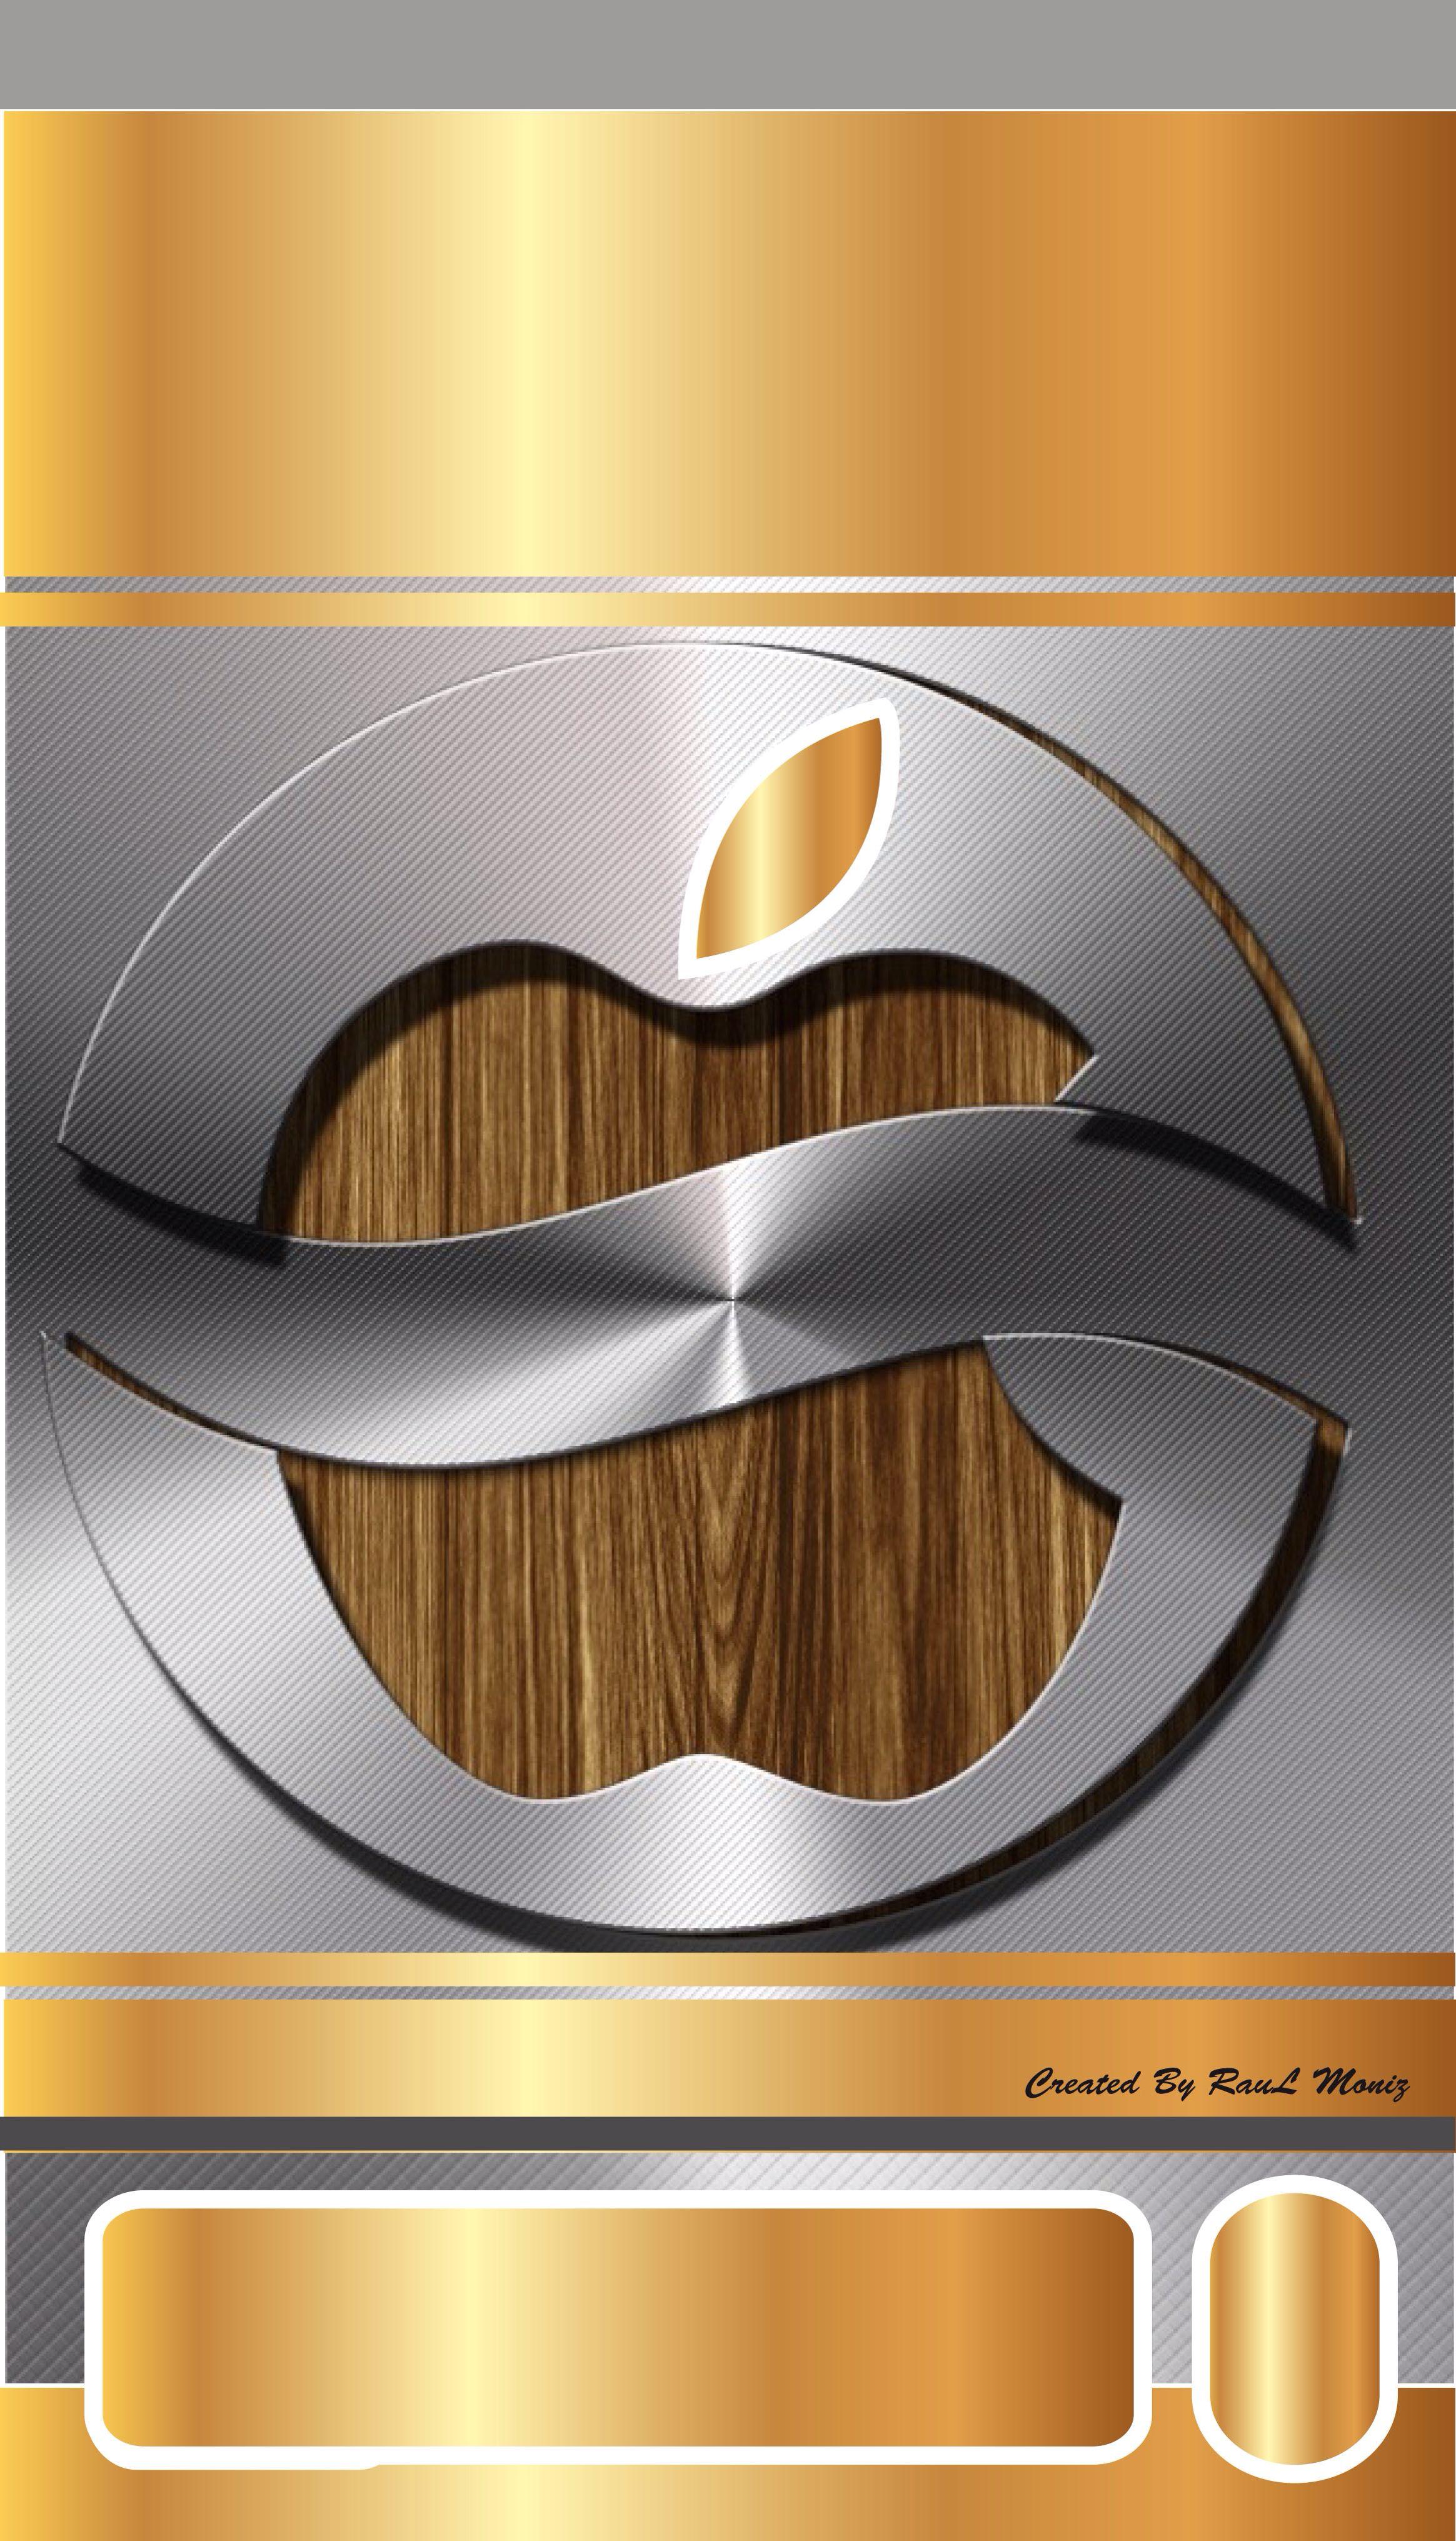 Fond D Ecran Fond D Ecran Iphone Apple Fond D Ecran Telephone Fond D Ecran Iphone Pastel